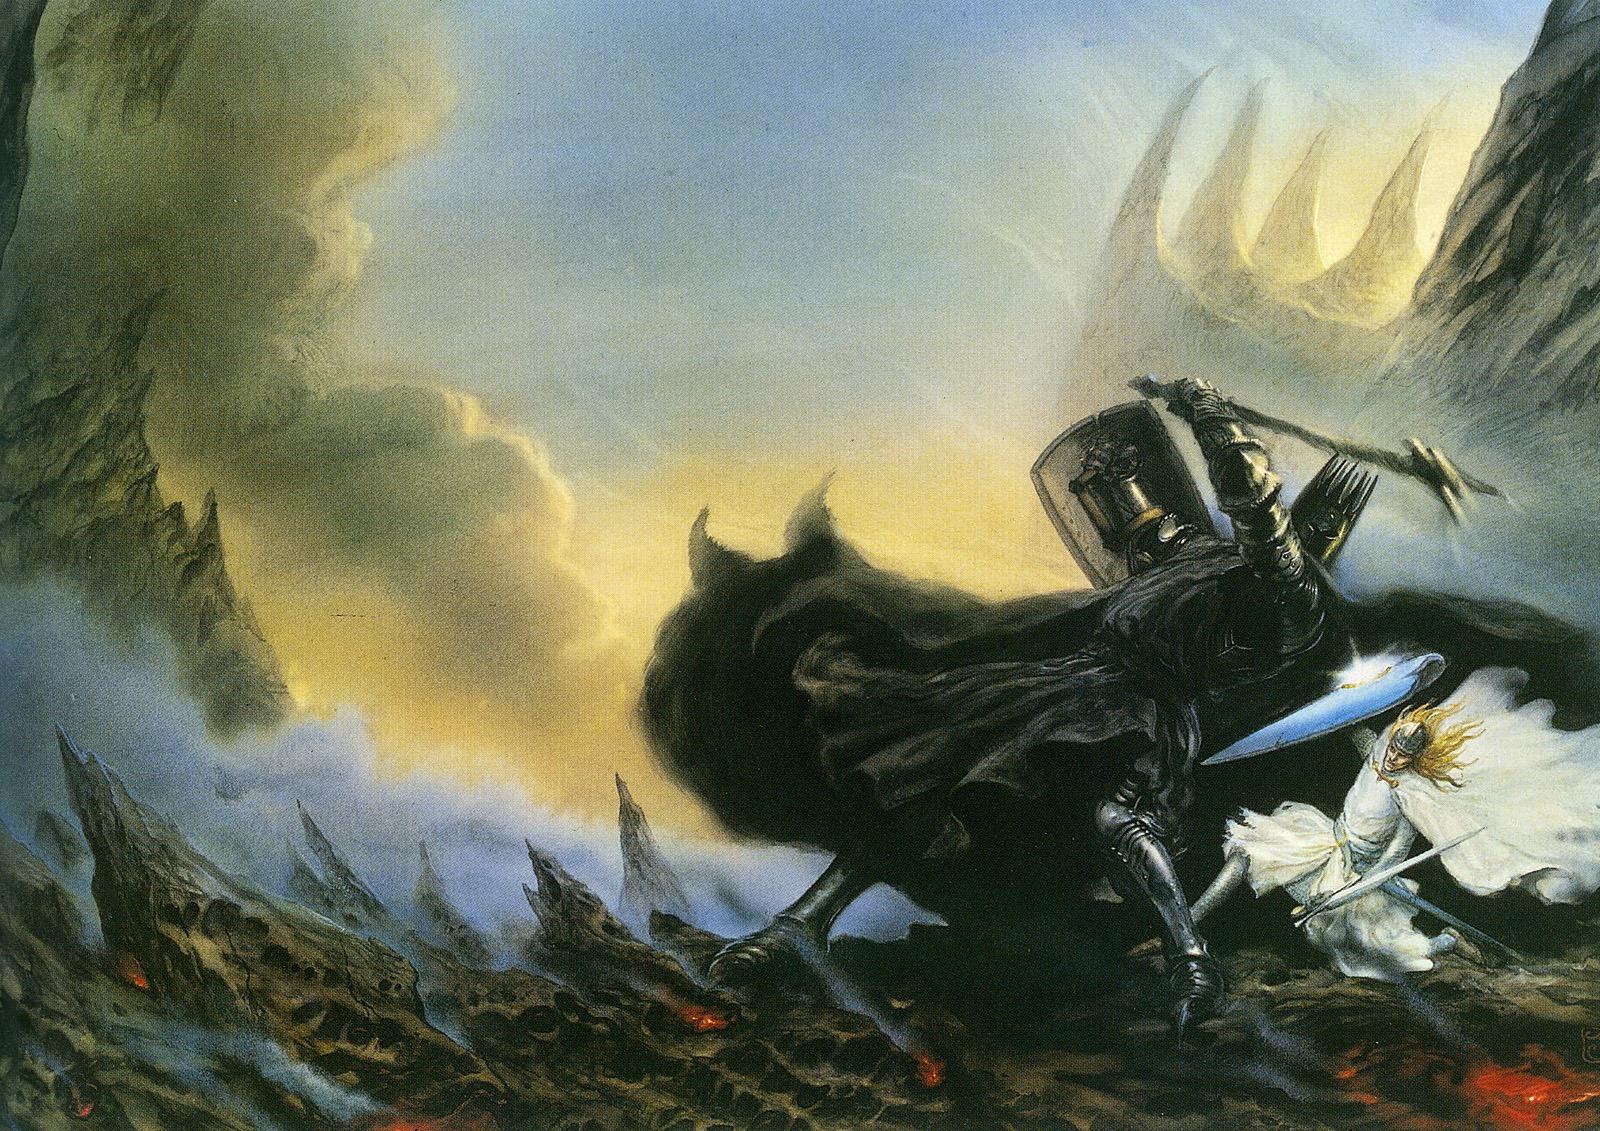 Τales From the Fringes of Myth